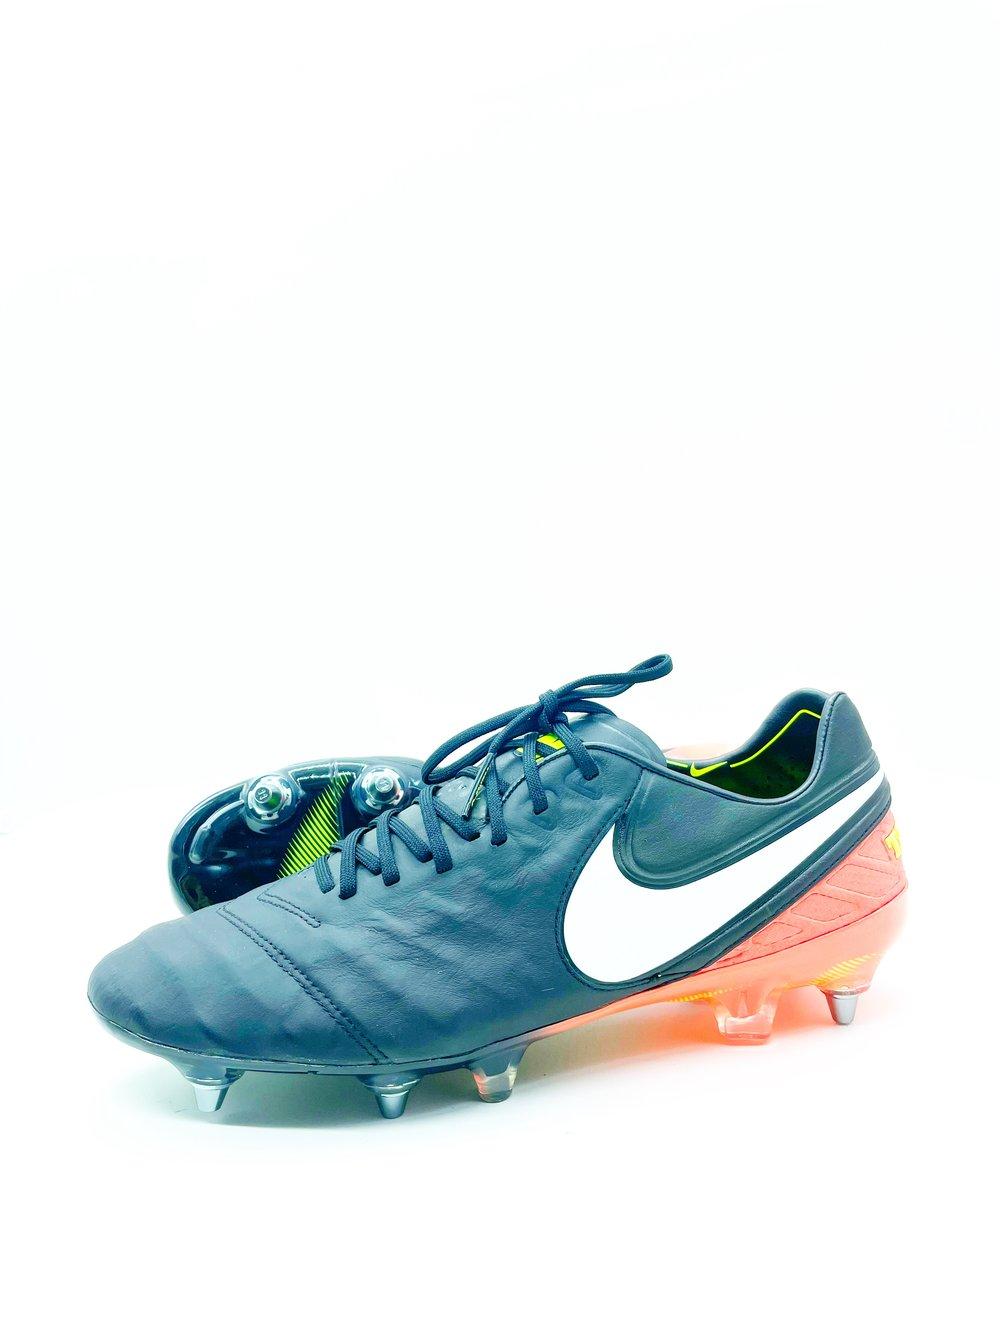 Image of Nike tiempo VI SG-pro